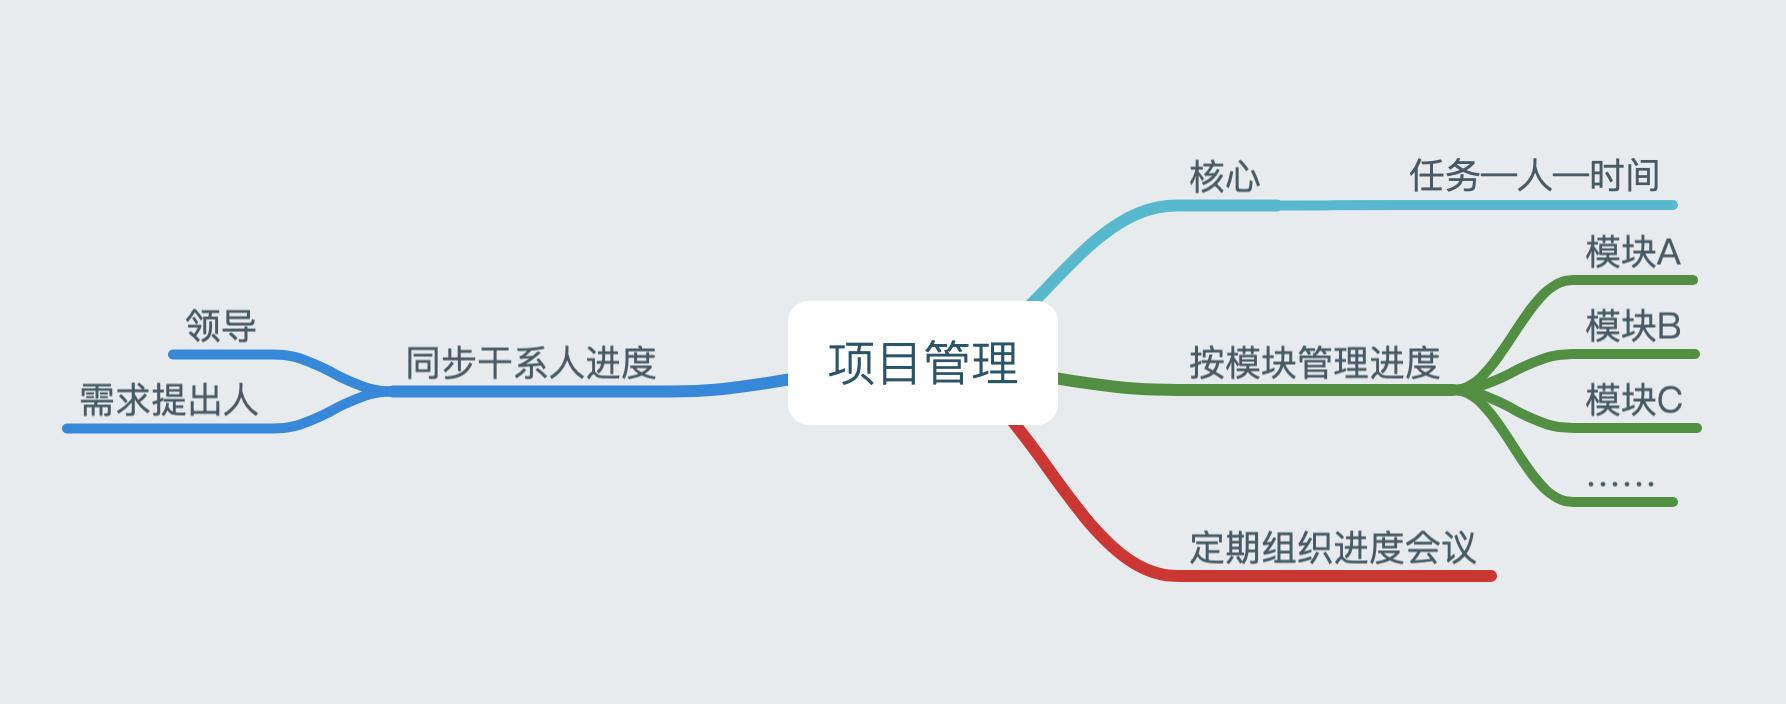 产品经理实战第五步:项目管理的白与黑插图(1)